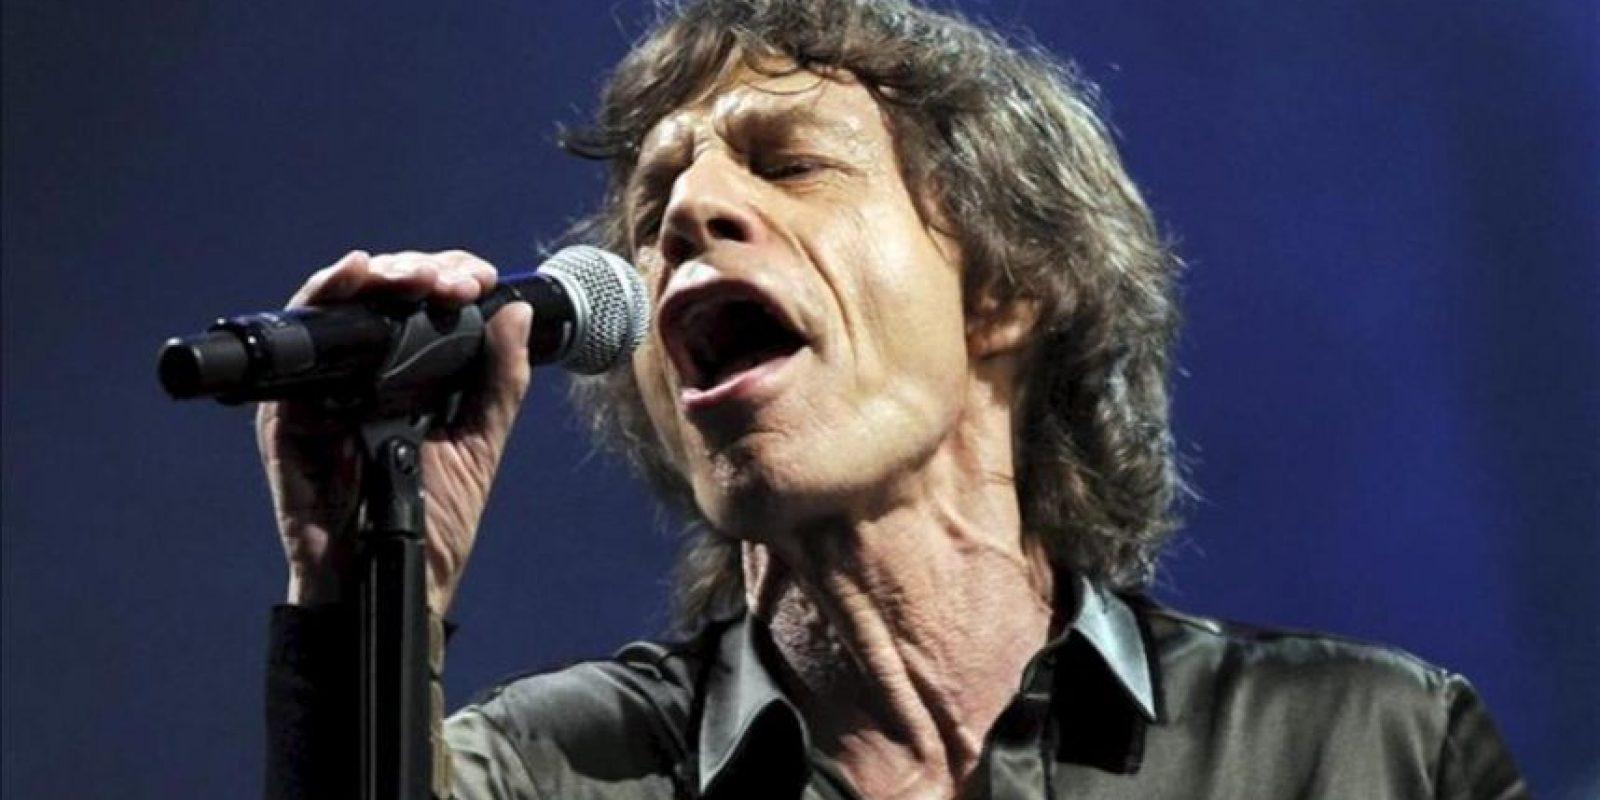 Mick Jagger, líder de la legendaria banda de rock Rolling Stones, en un momento de su actuación en el concierto que ofrecieron en el festival de música de Glastonbury. EFE